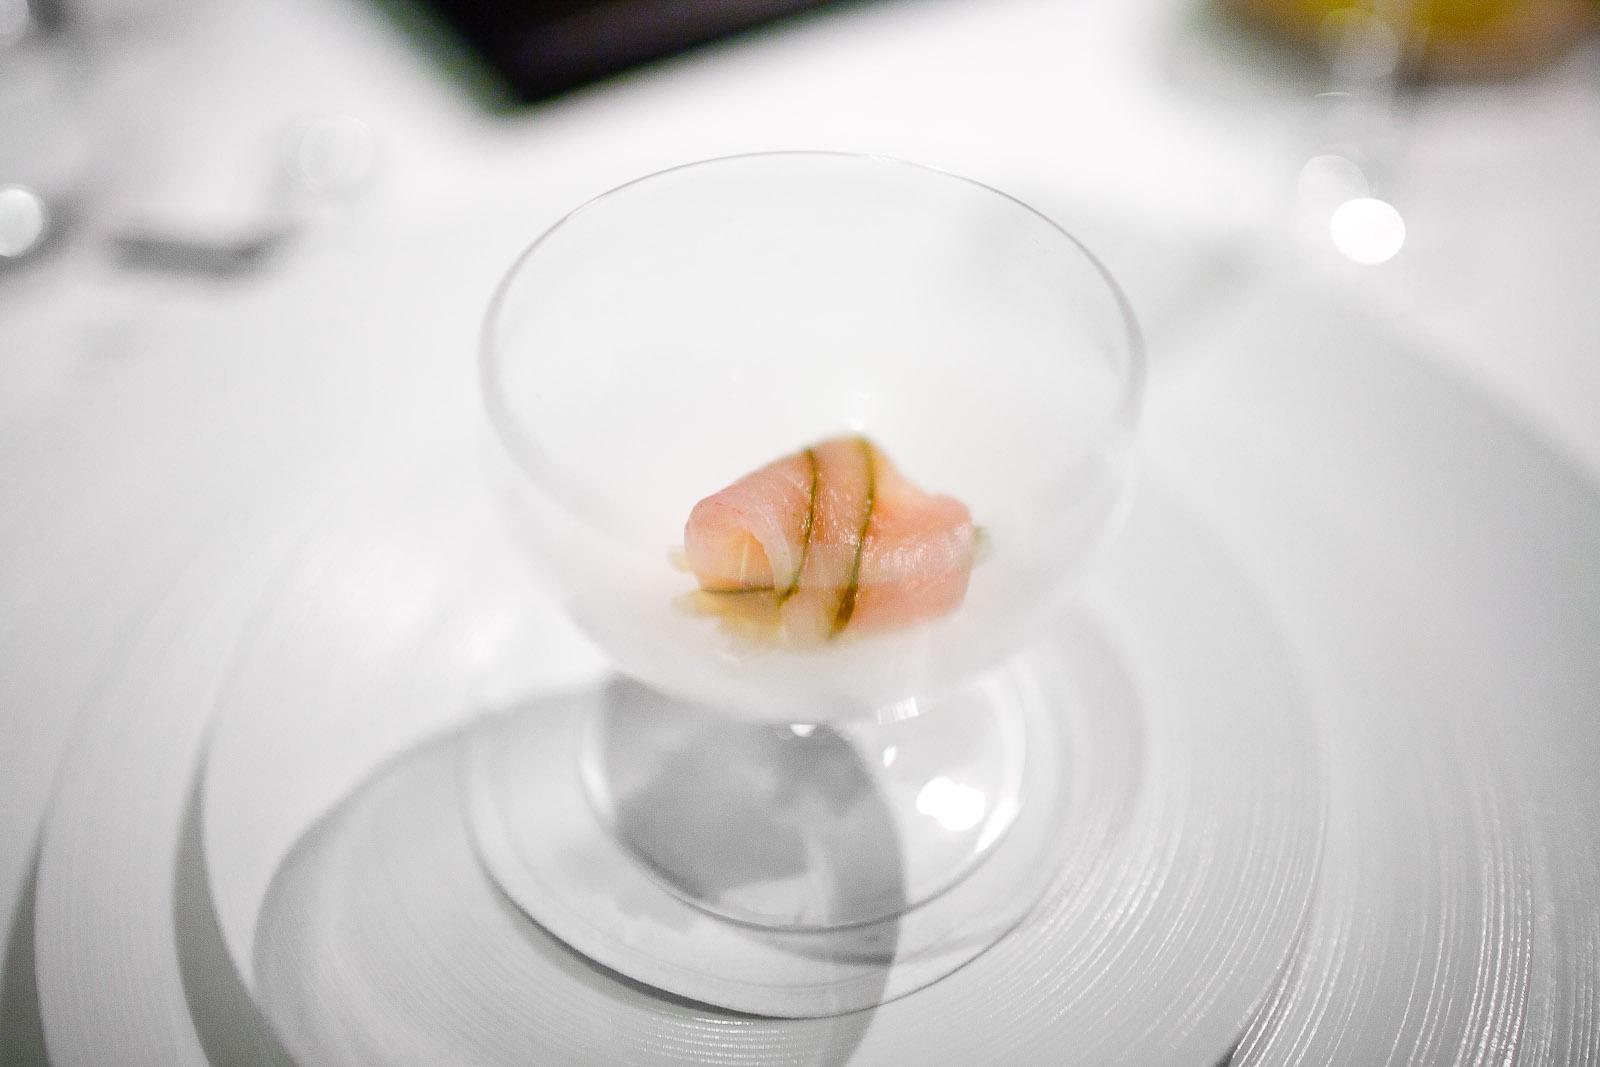 3rd Course- Sashimi of pacific kahala